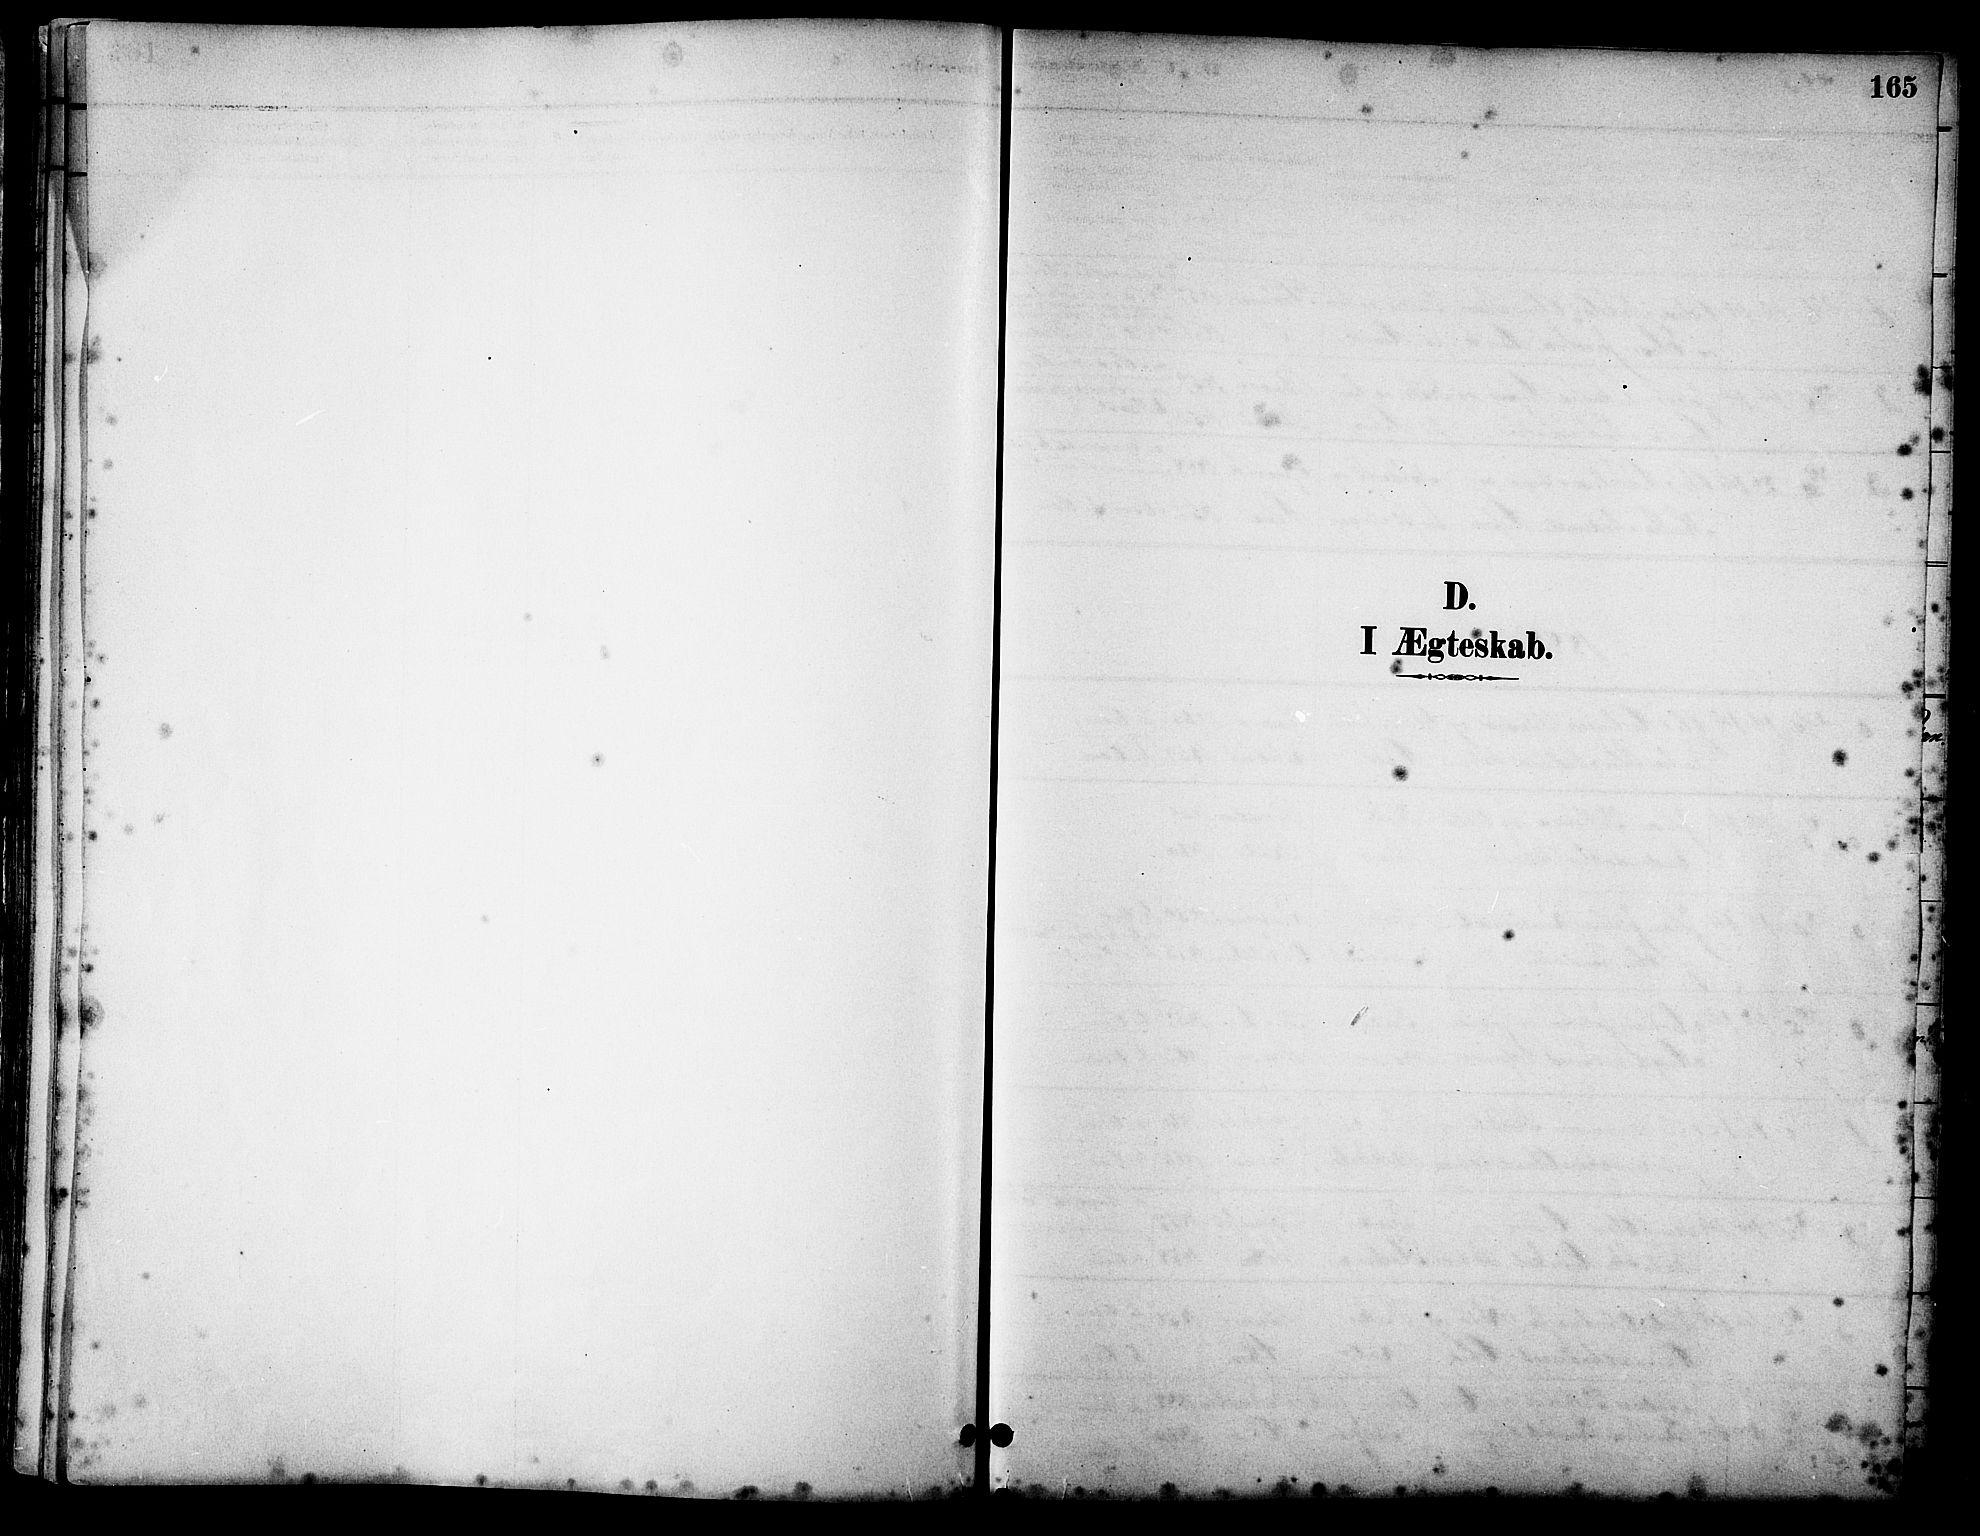 SAT, Ministerialprotokoller, klokkerbøker og fødselsregistre - Sør-Trøndelag, 658/L0726: Klokkerbok nr. 658C02, 1883-1908, s. 165